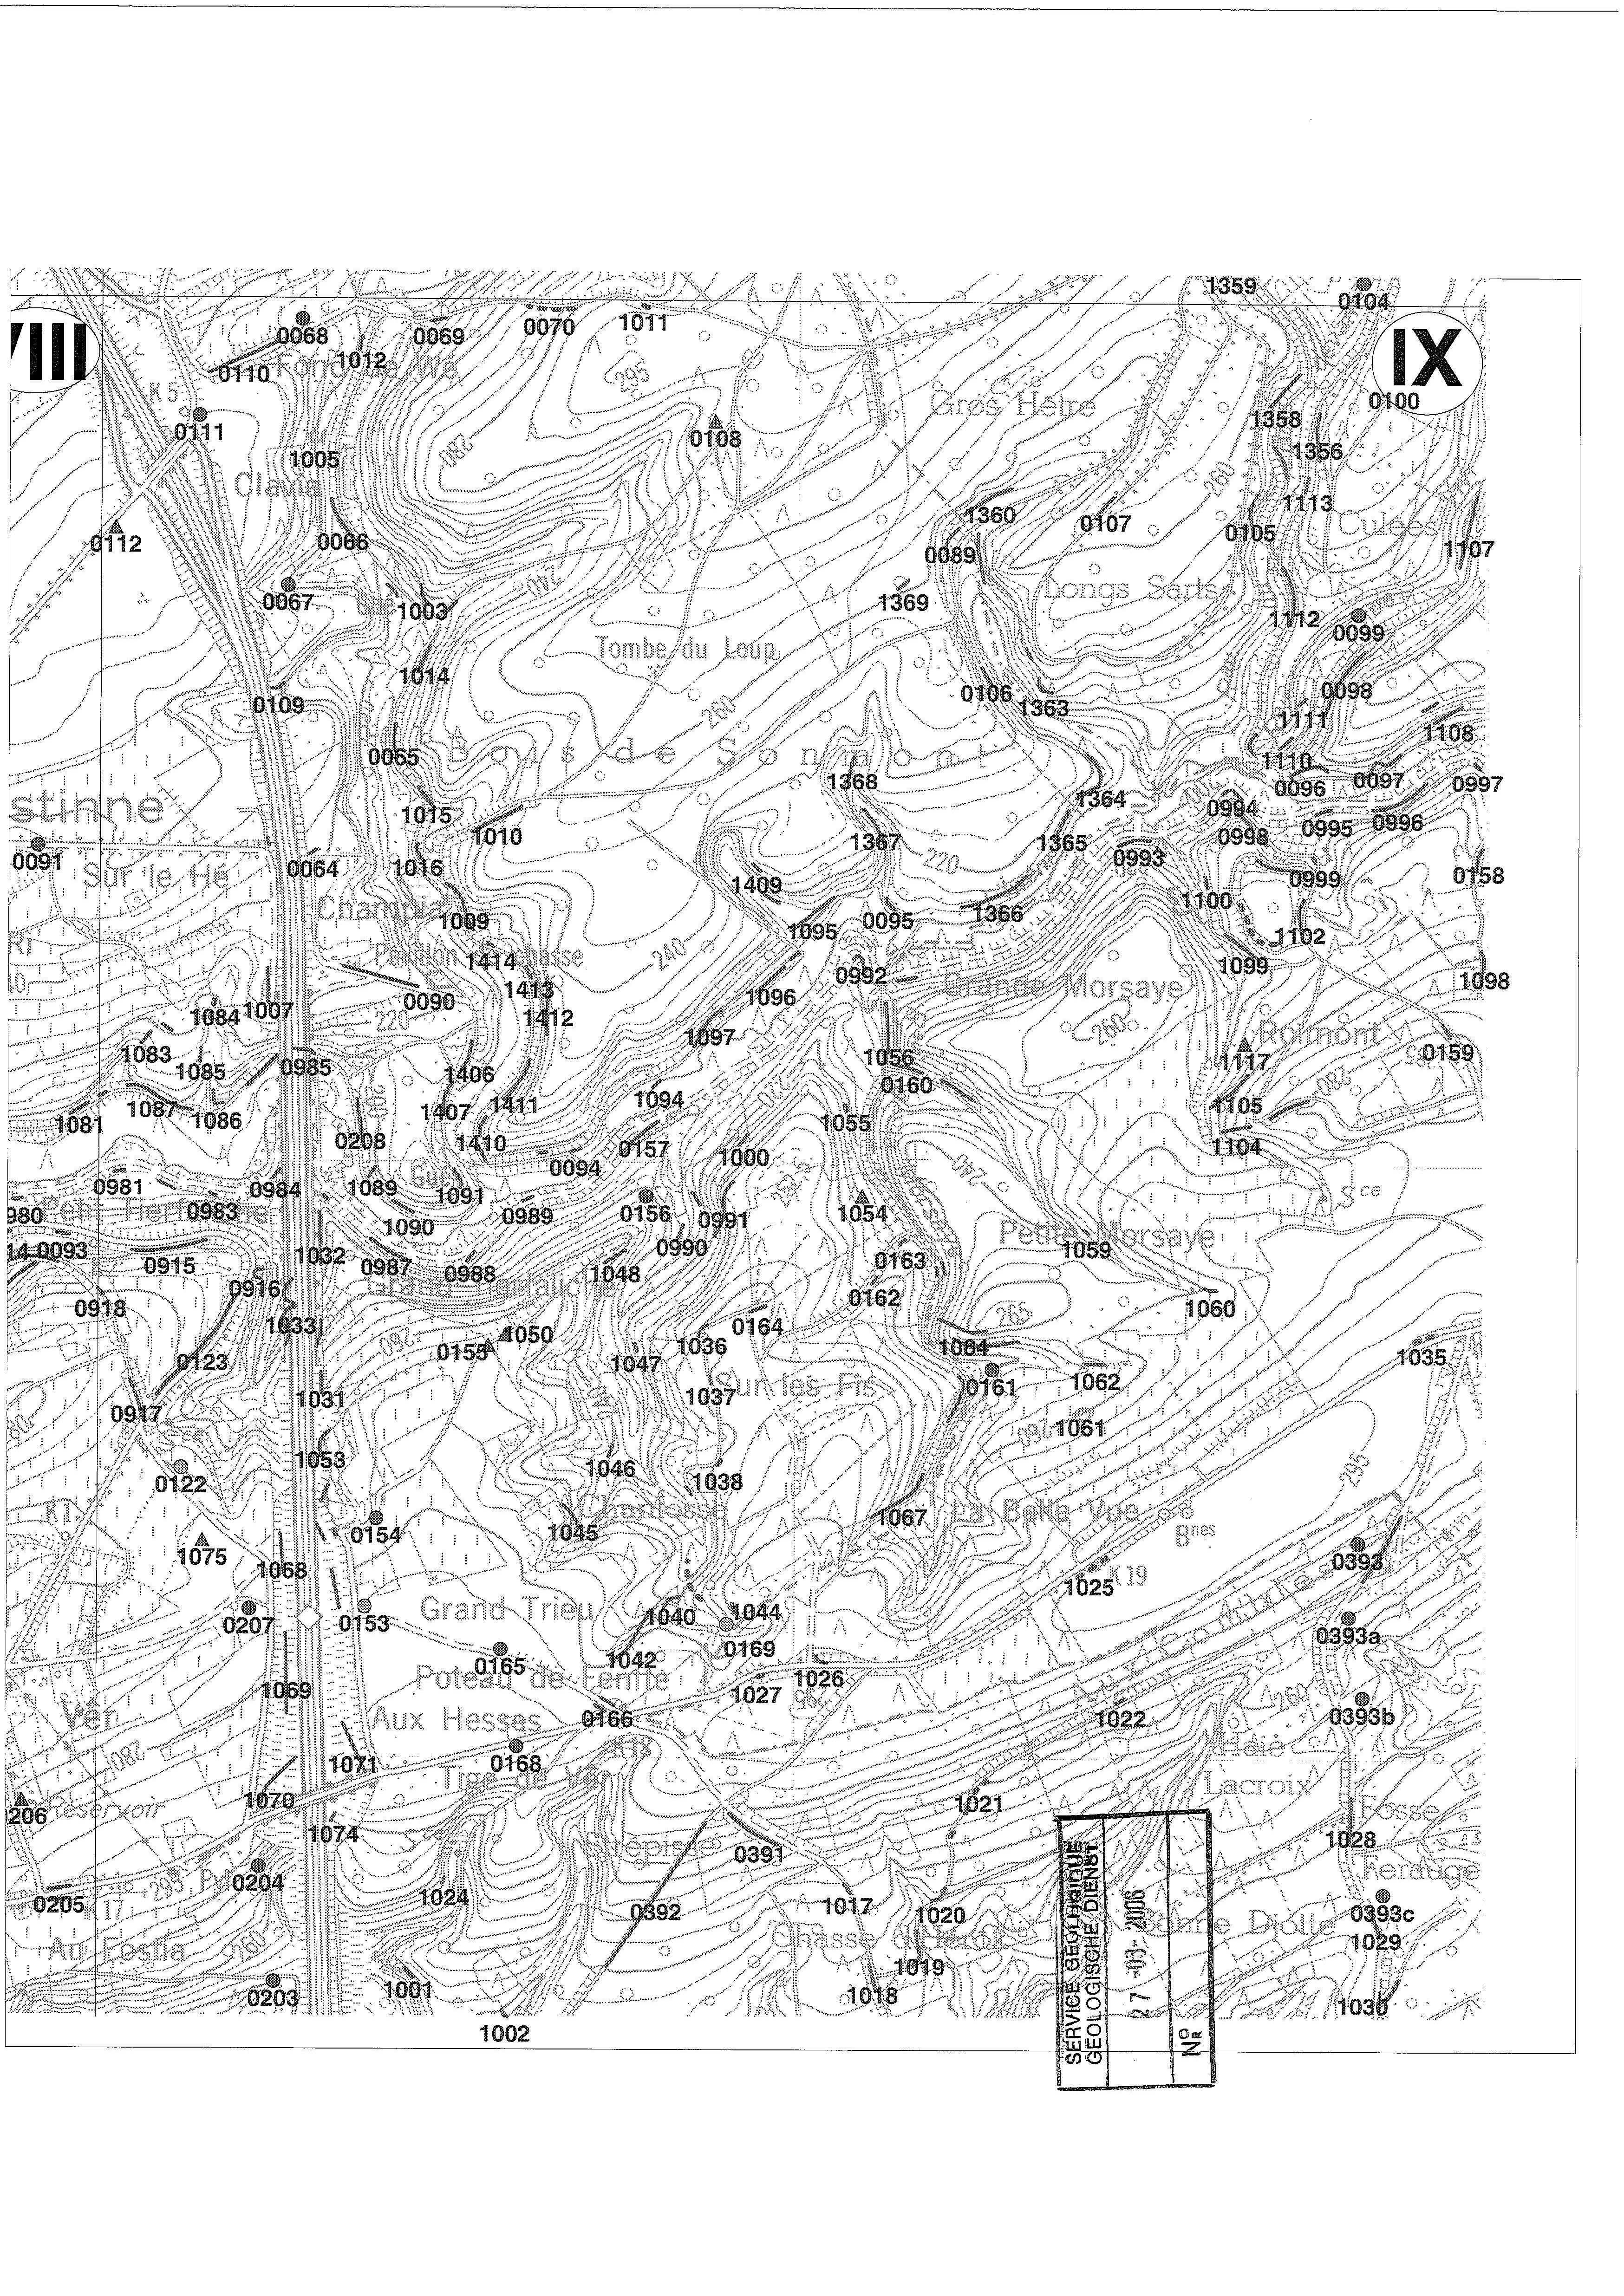 176W_Achene_Page_9_Image_0001.jpg